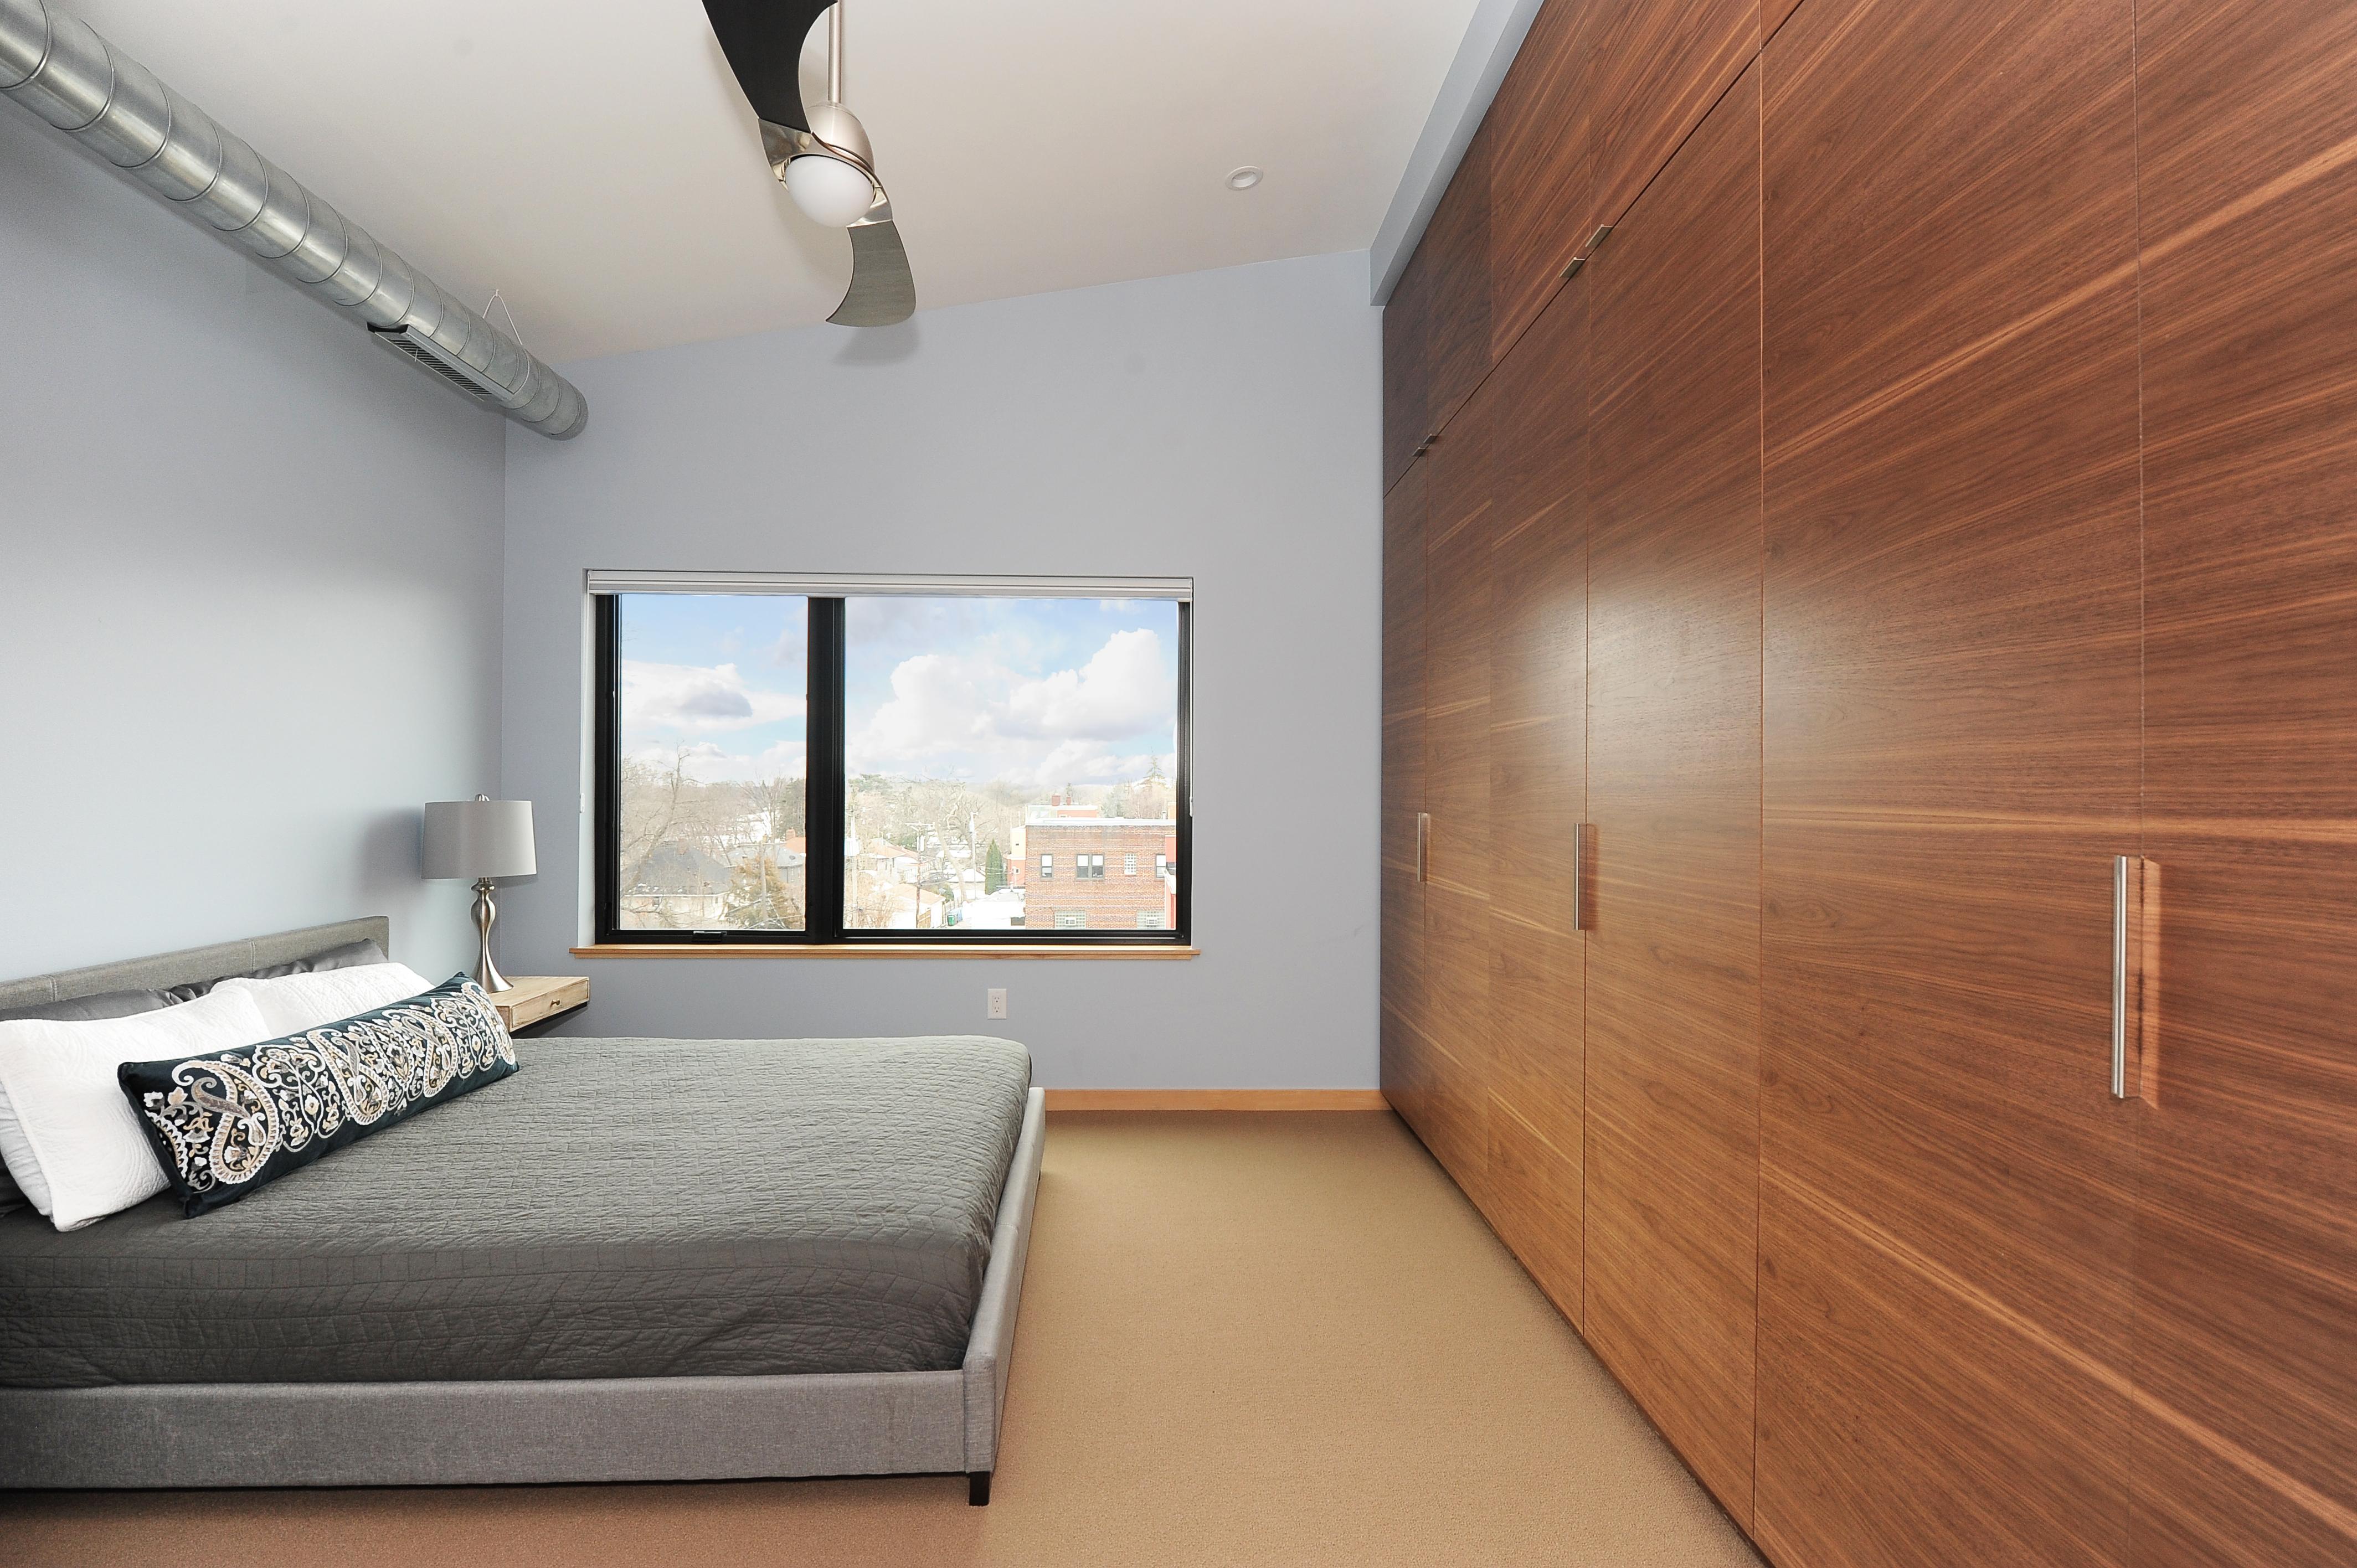 DSC_9036 3rd floor